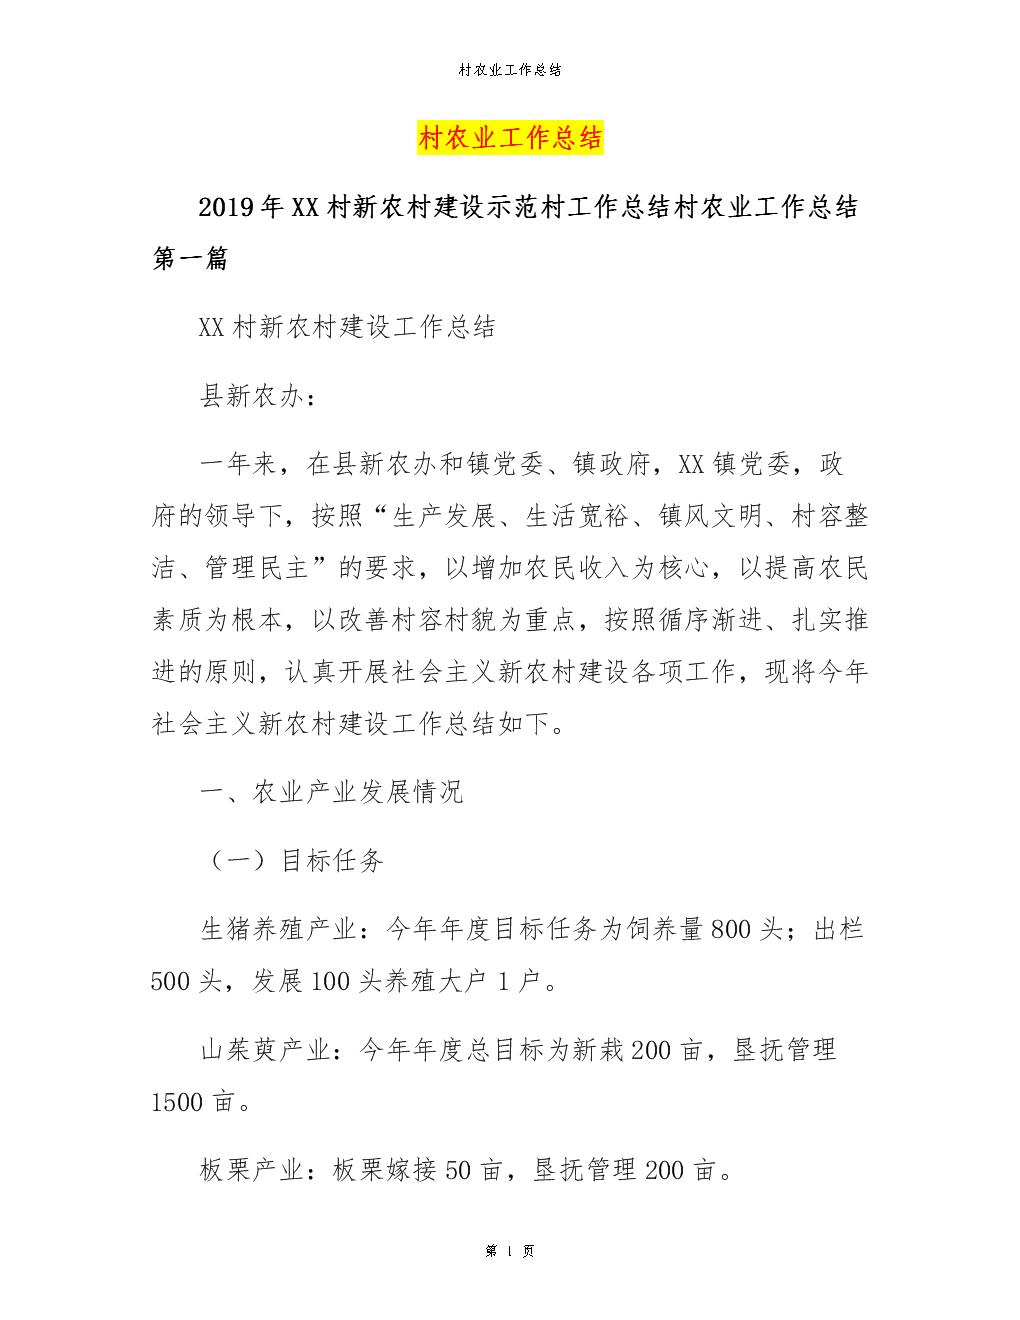 村农业工作总结.docx